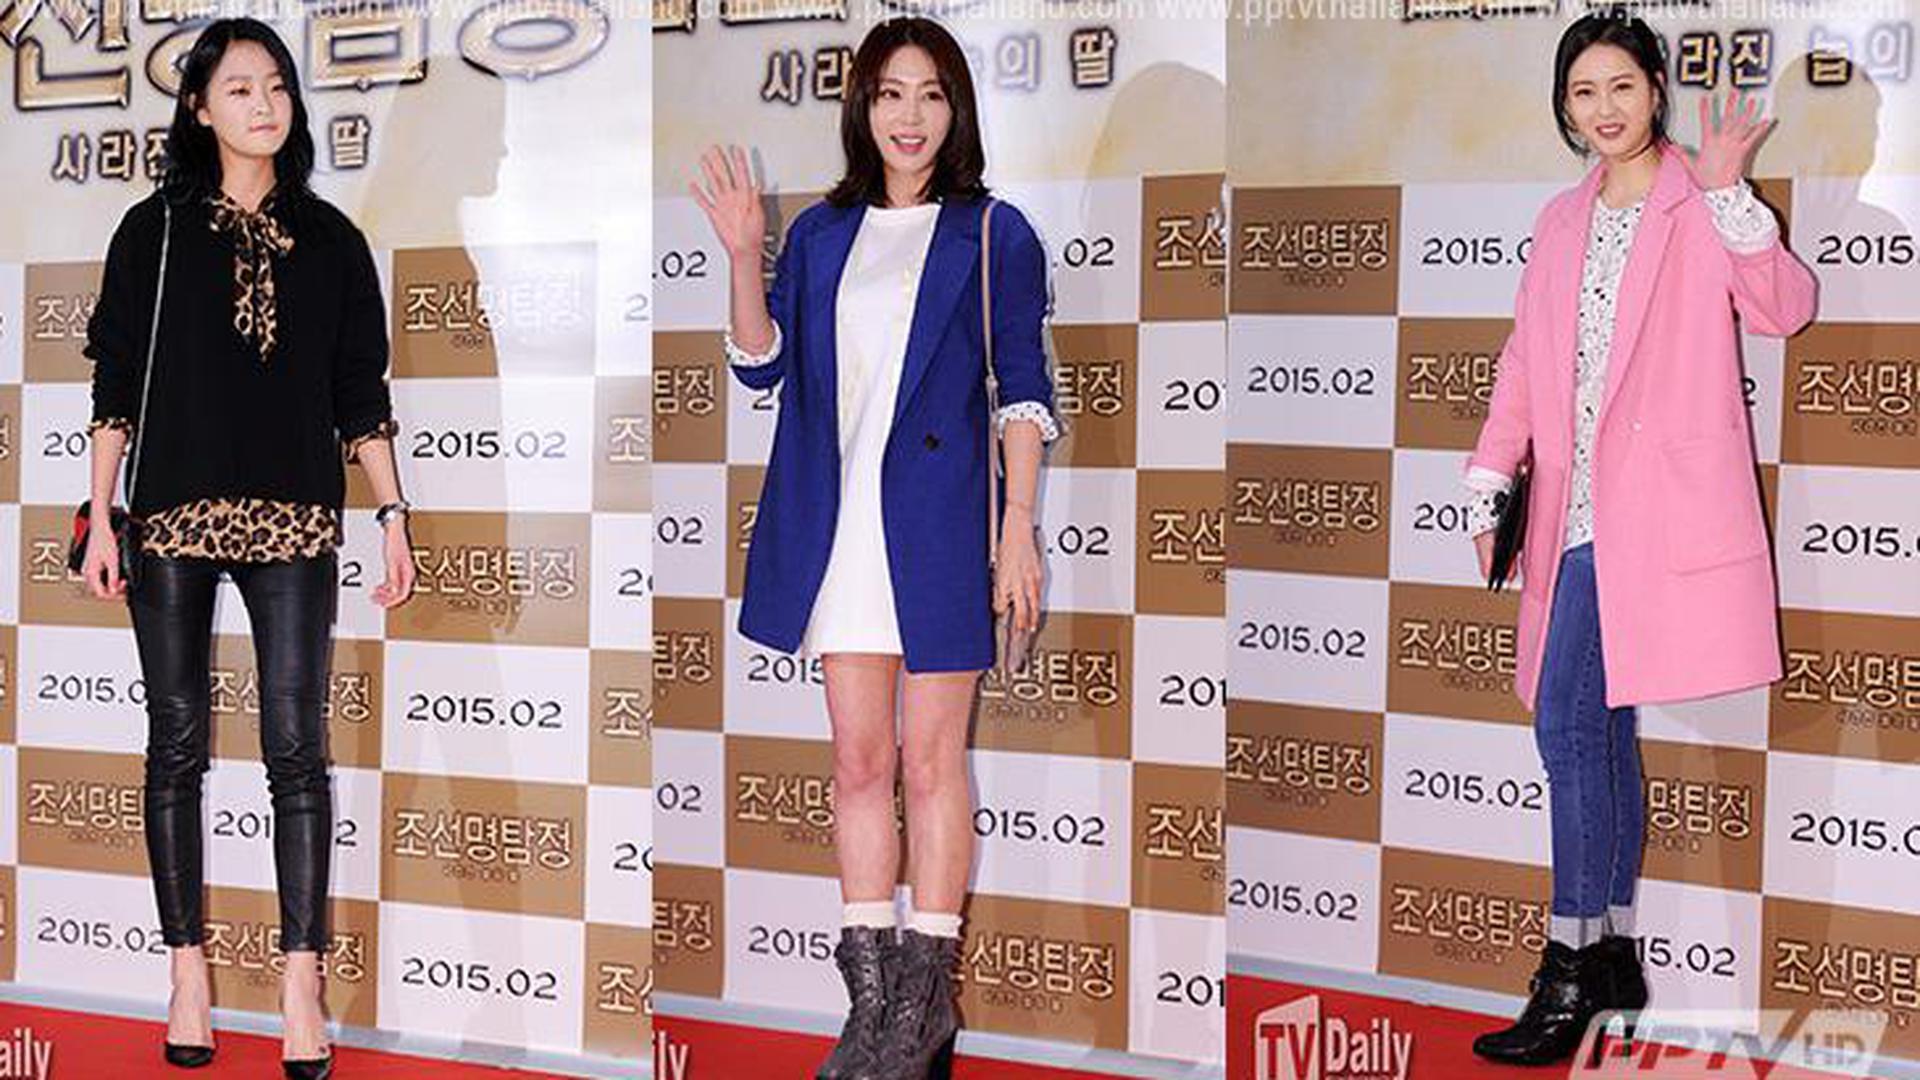 """ดาราสาวชื่อดัง """"เชวจีอู"""" """"โกอาร่า"""" """"ฮโยย็อน"""" และ """"โบอา"""" ประชันแฟชั่นหน้าหนาวสุดชิคในงานหนัง Detective K"""